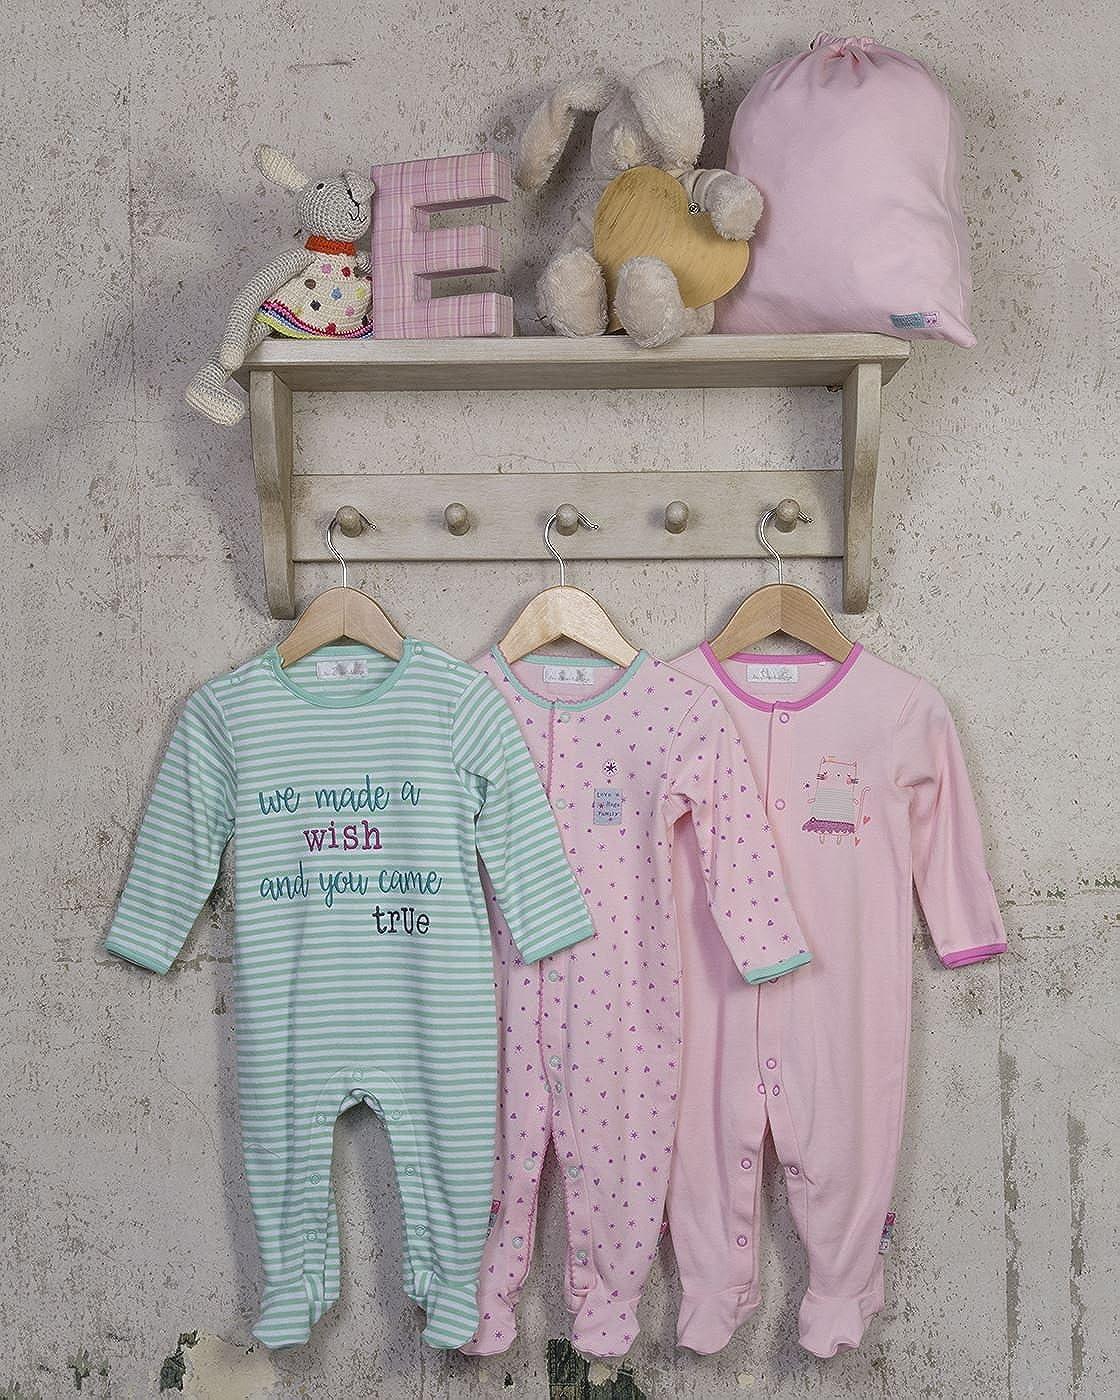 The Essential One - Deseo Pijama Pijamas para bebé niñas - Paquete de 3 - Rosada/Blanco / Verde - 12-18 Meses - ESS191: Amazon.es: Ropa y accesorios